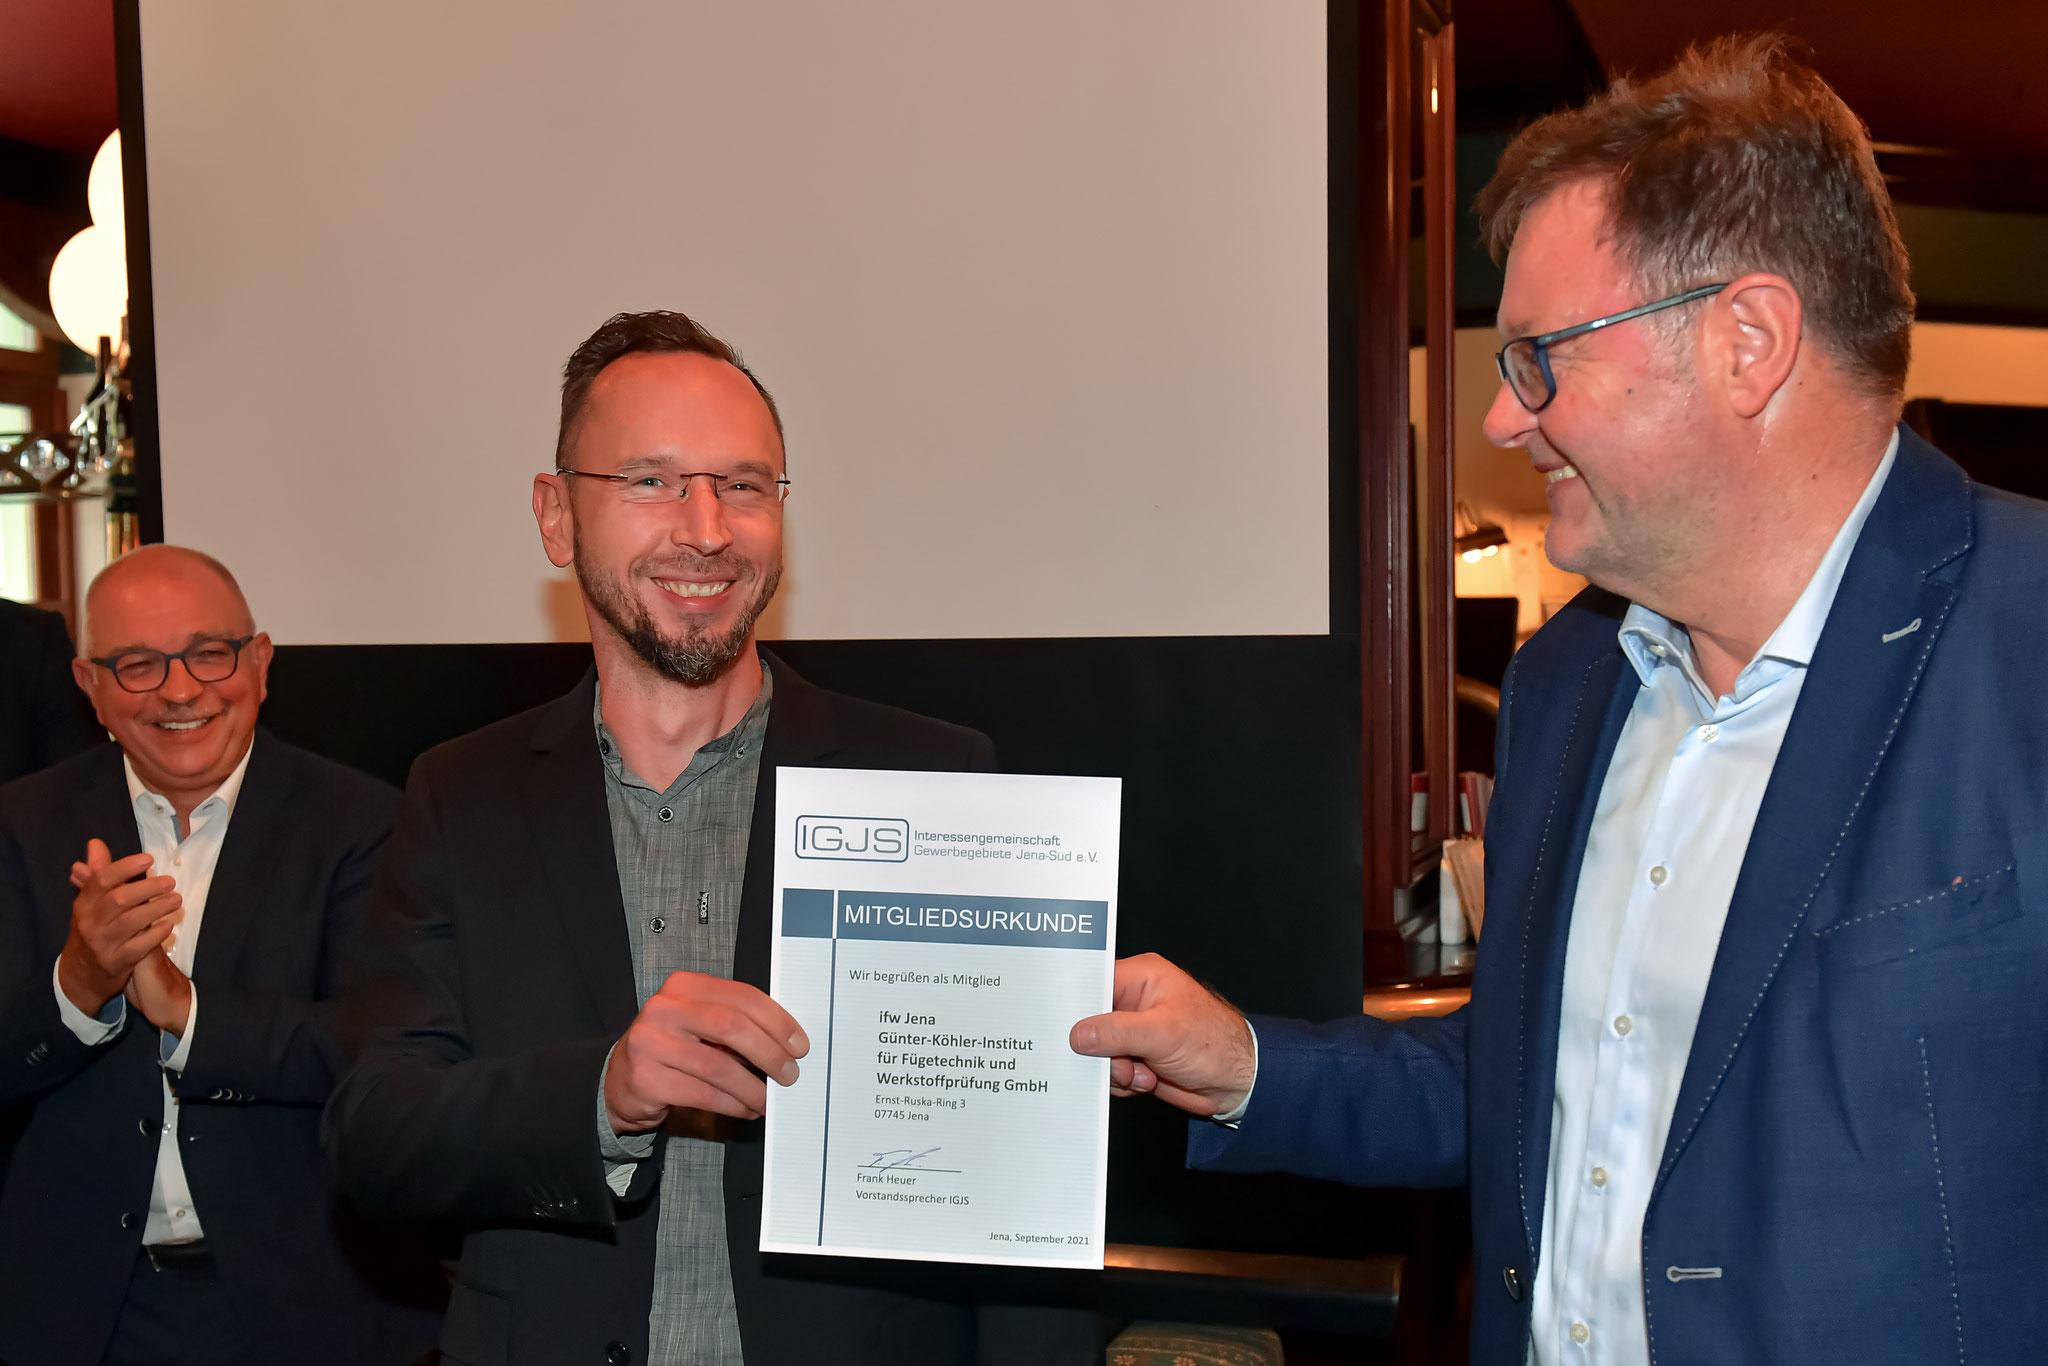 Herr Lange vom IFW wird als neues Mitglied begrüßt